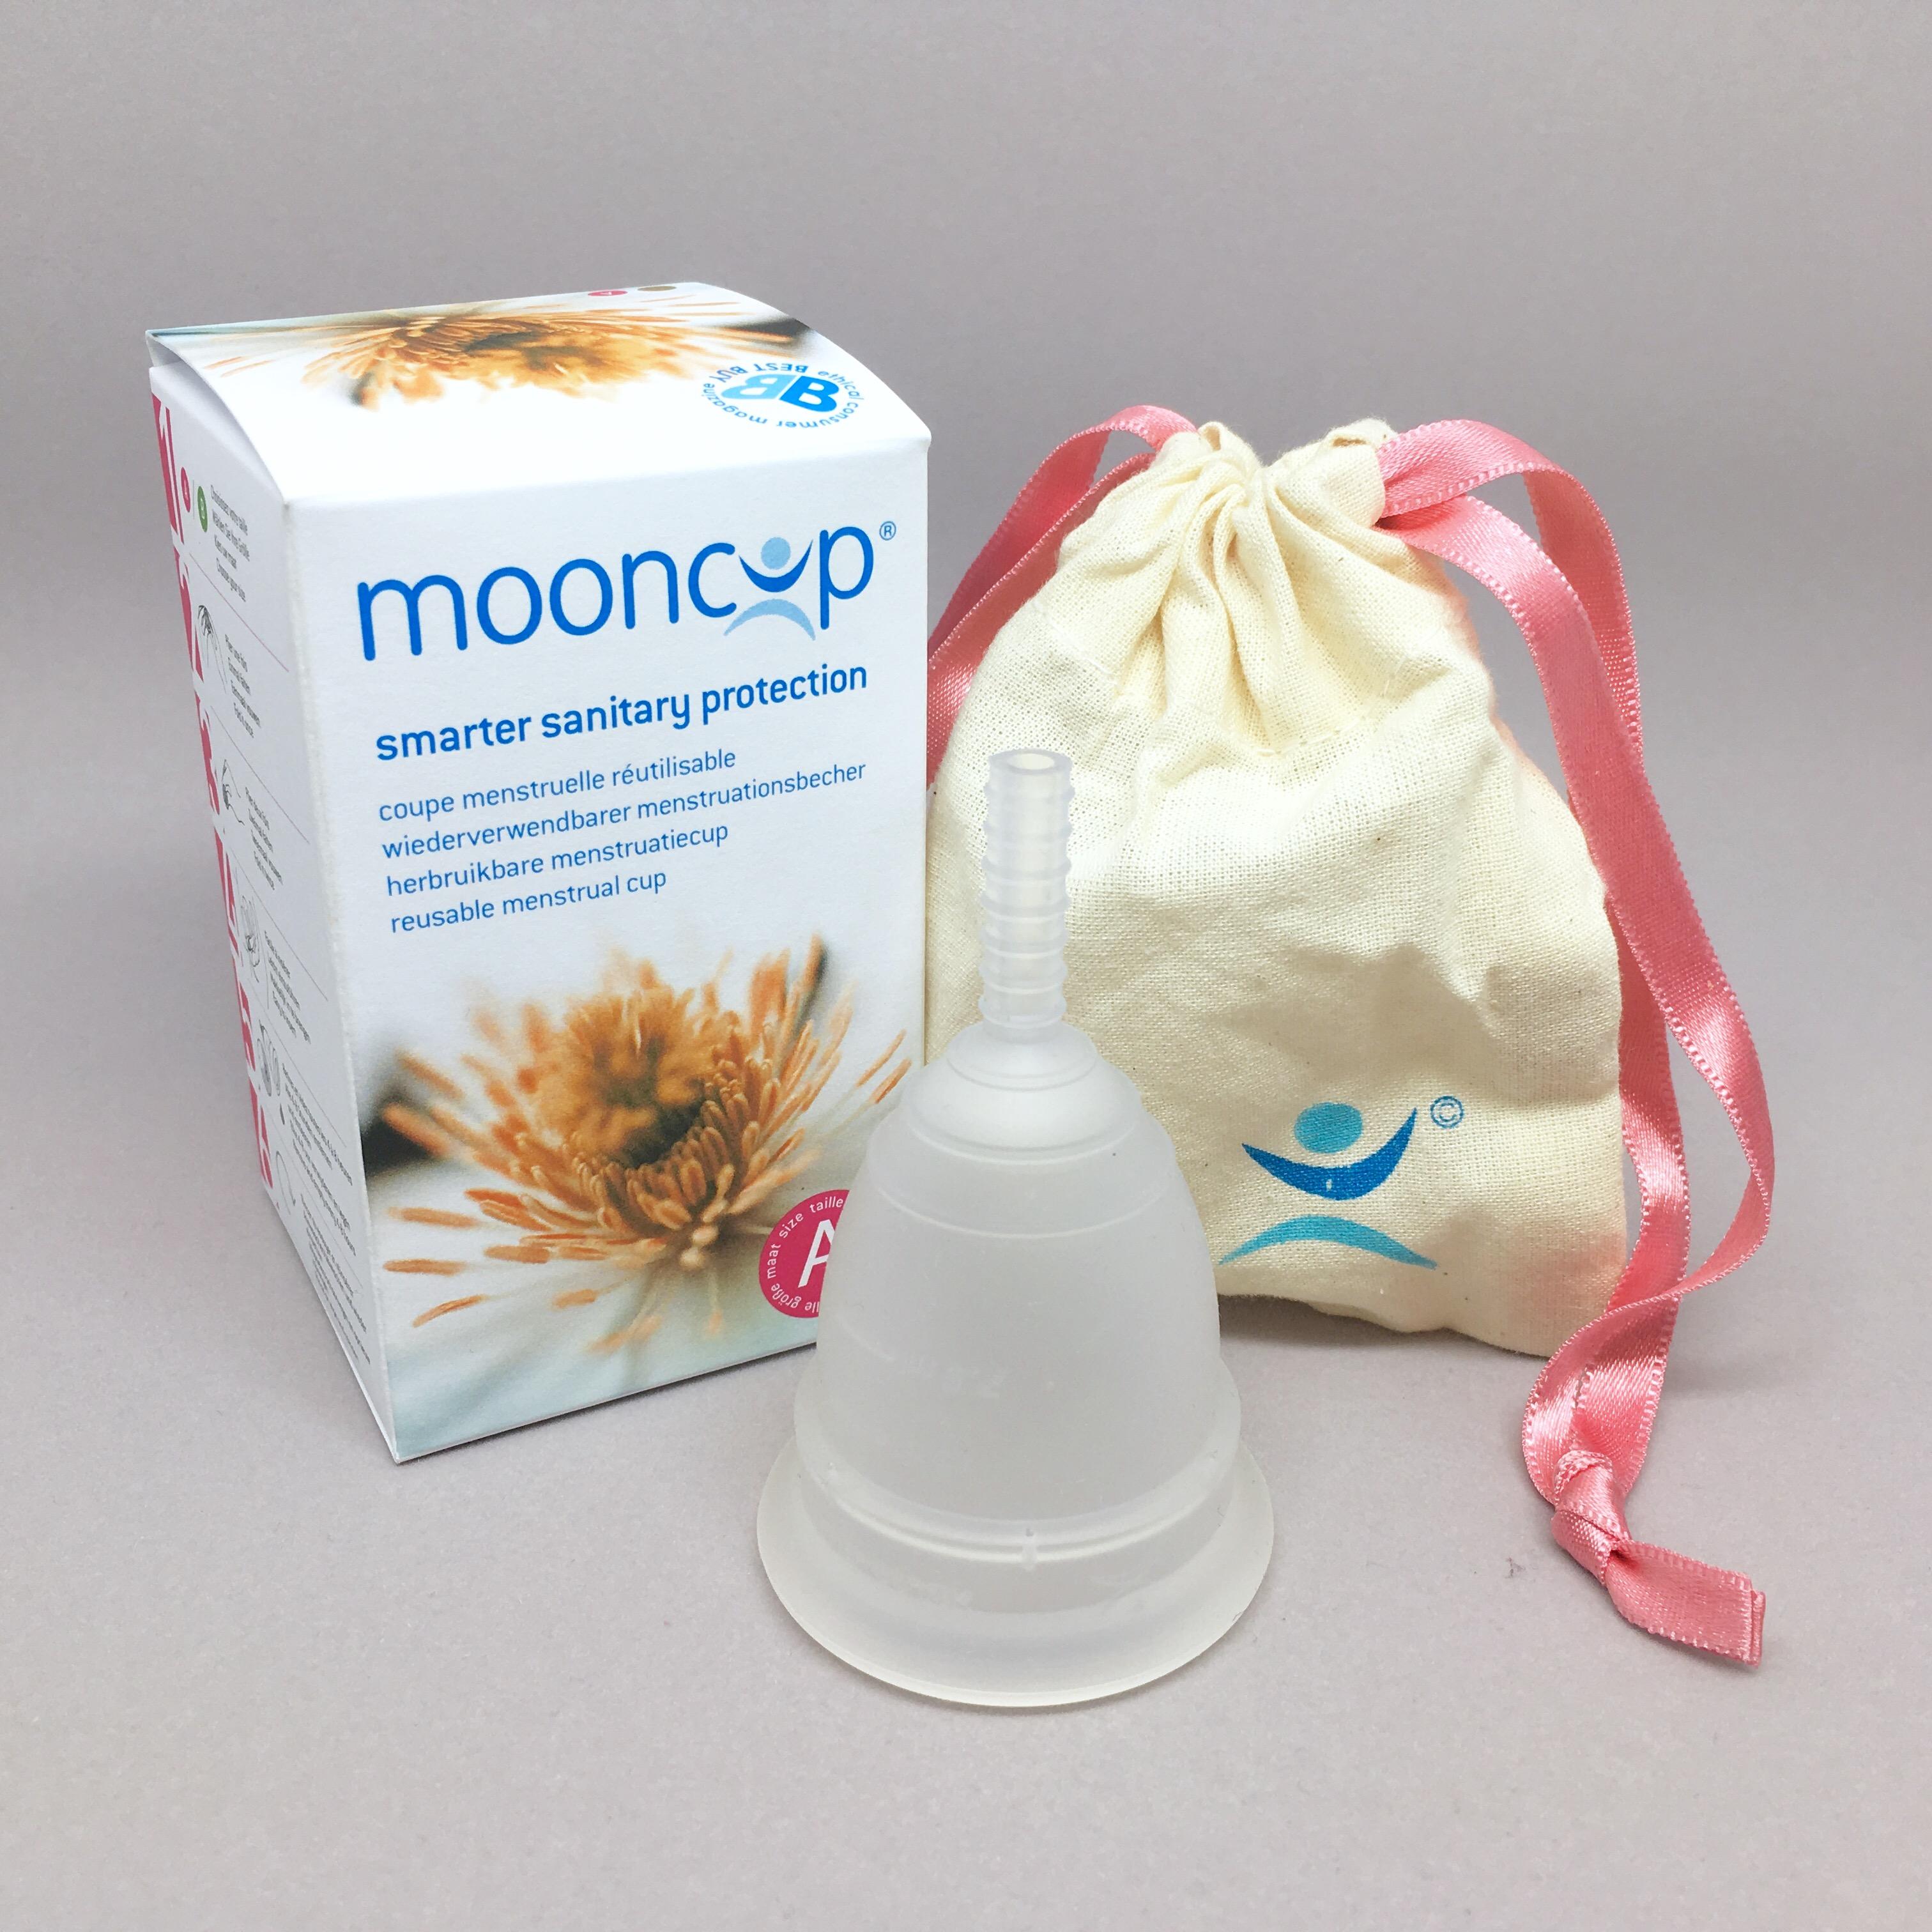 Personnes notables coupe menstruelle sans tige vp07 humatraffin - Coupe menstruelle mooncup ...